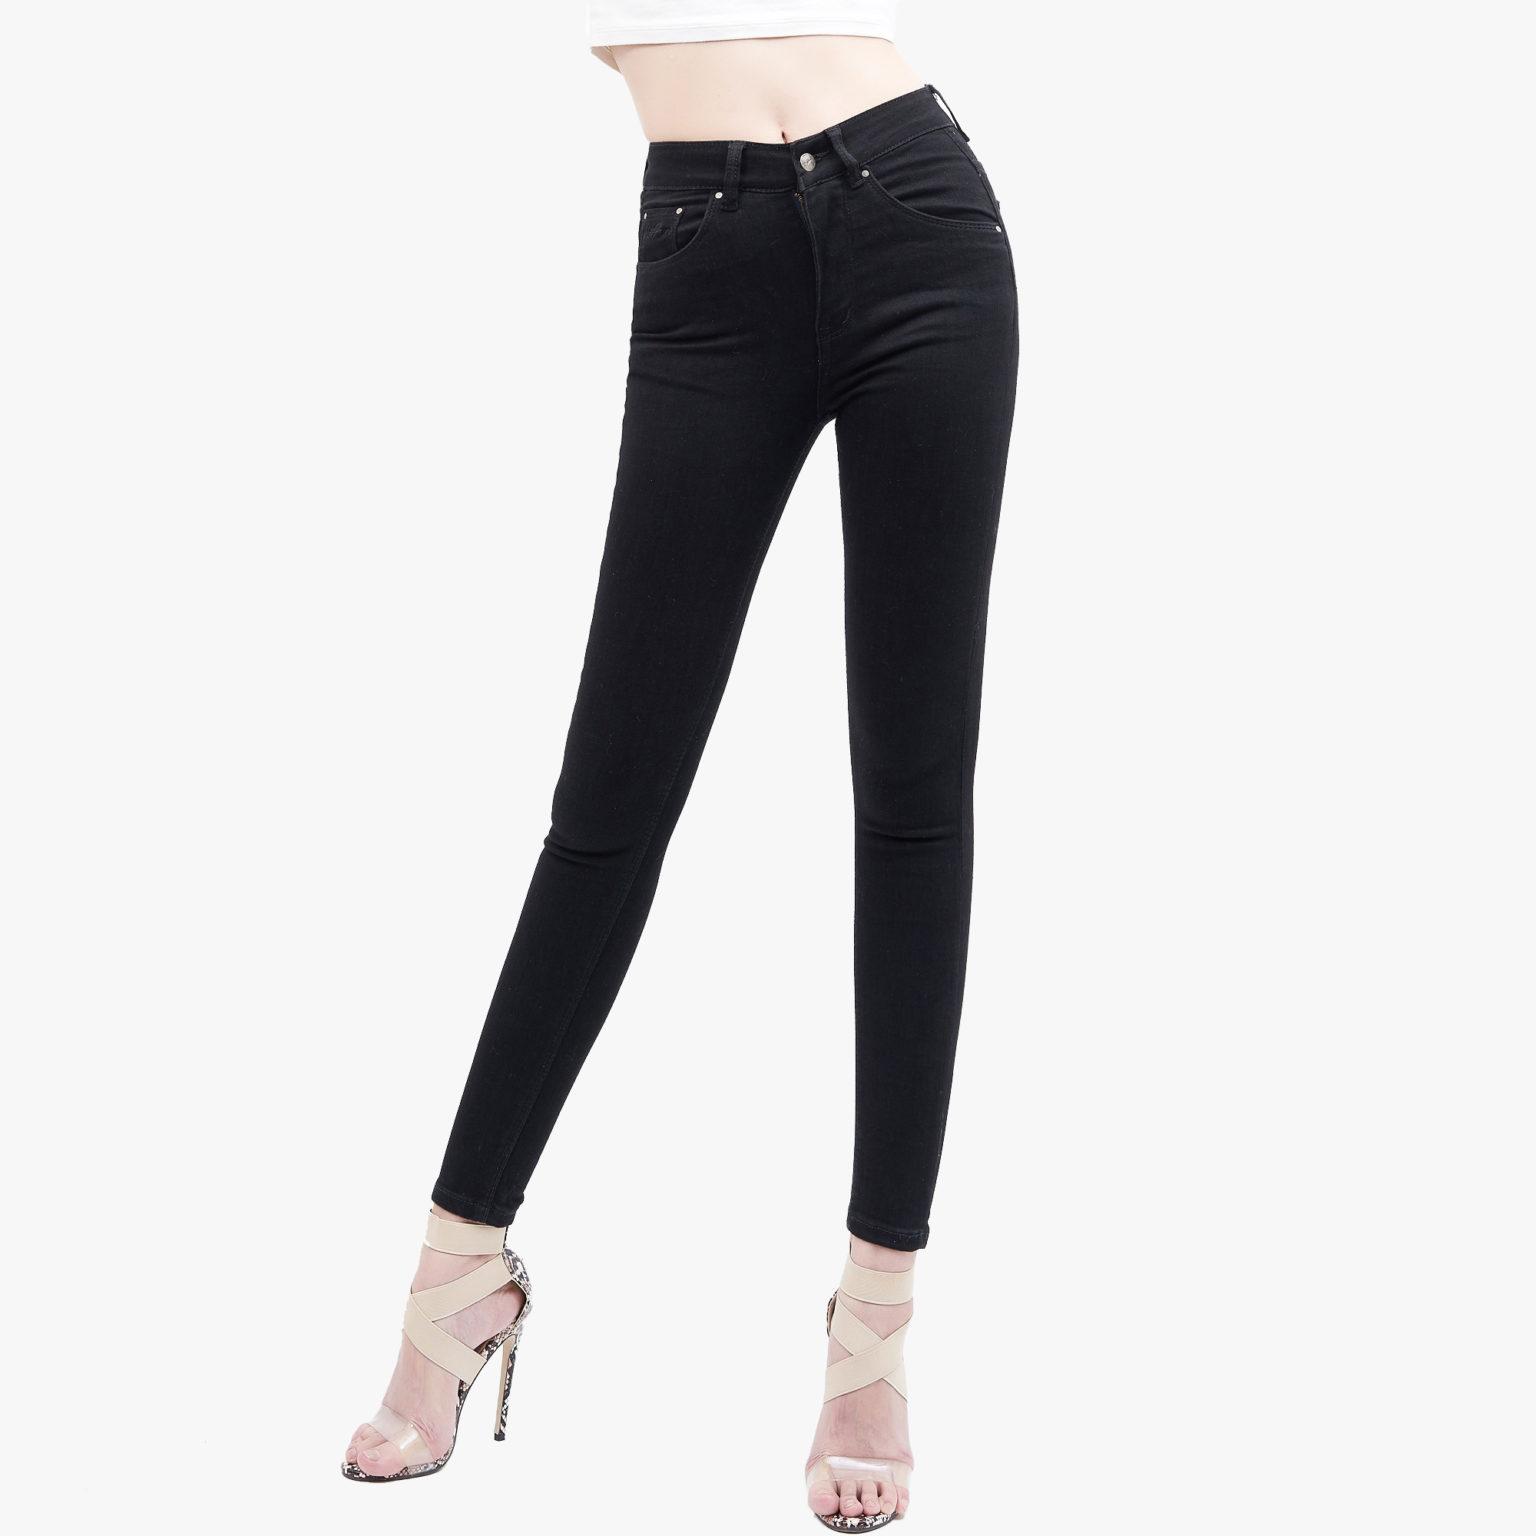 Hình ảnh sản phẩm Quần Jean Nữ cao cấp Hiệu AAA Jean màu đen